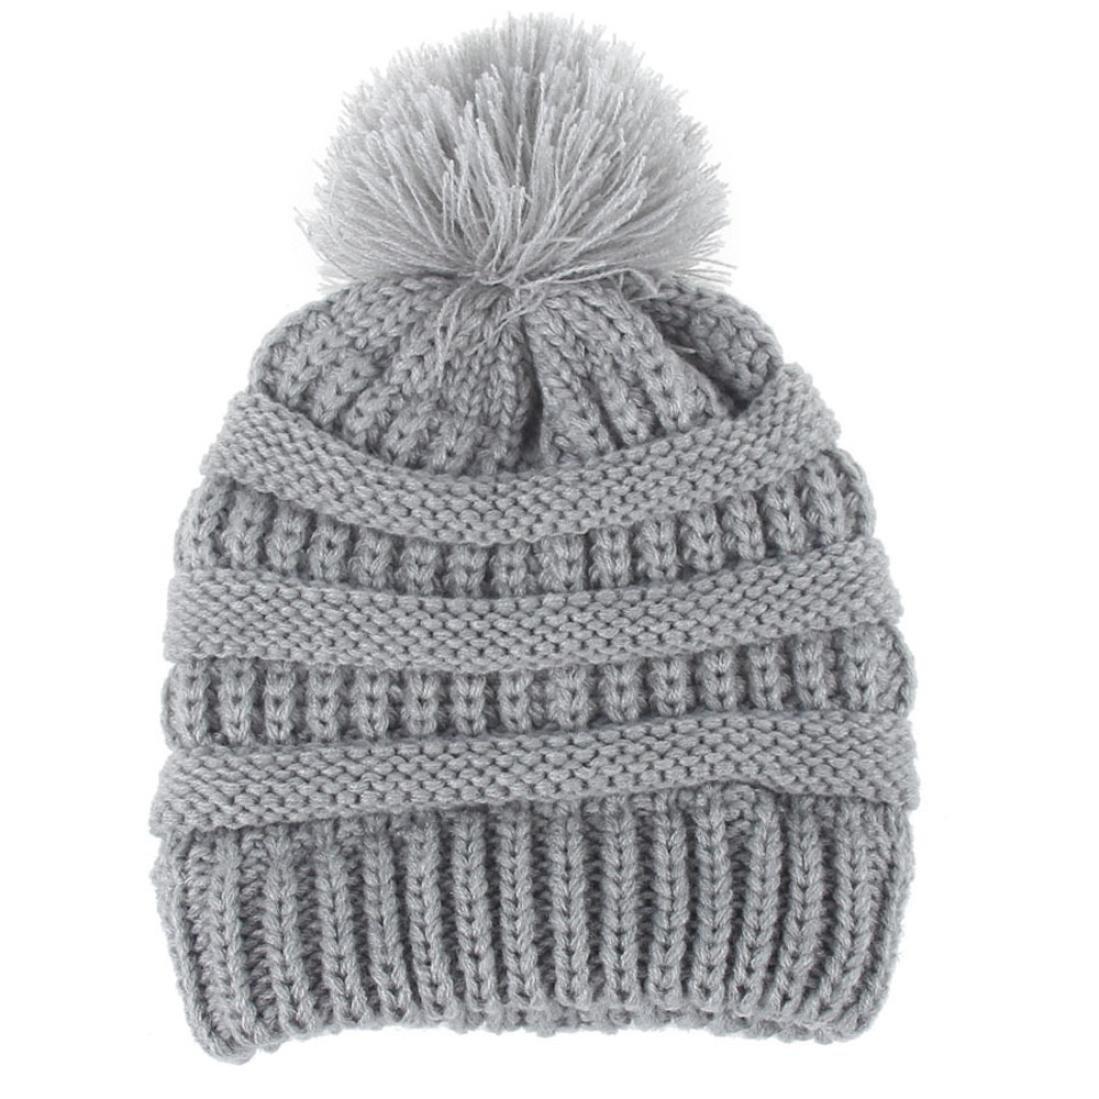 Recién nacido linda moda mantener calientes sombreros de invierno Sombrero de dobladillo de lana de punto bufanda Gorros Bebé invierno cálido sombreros ...